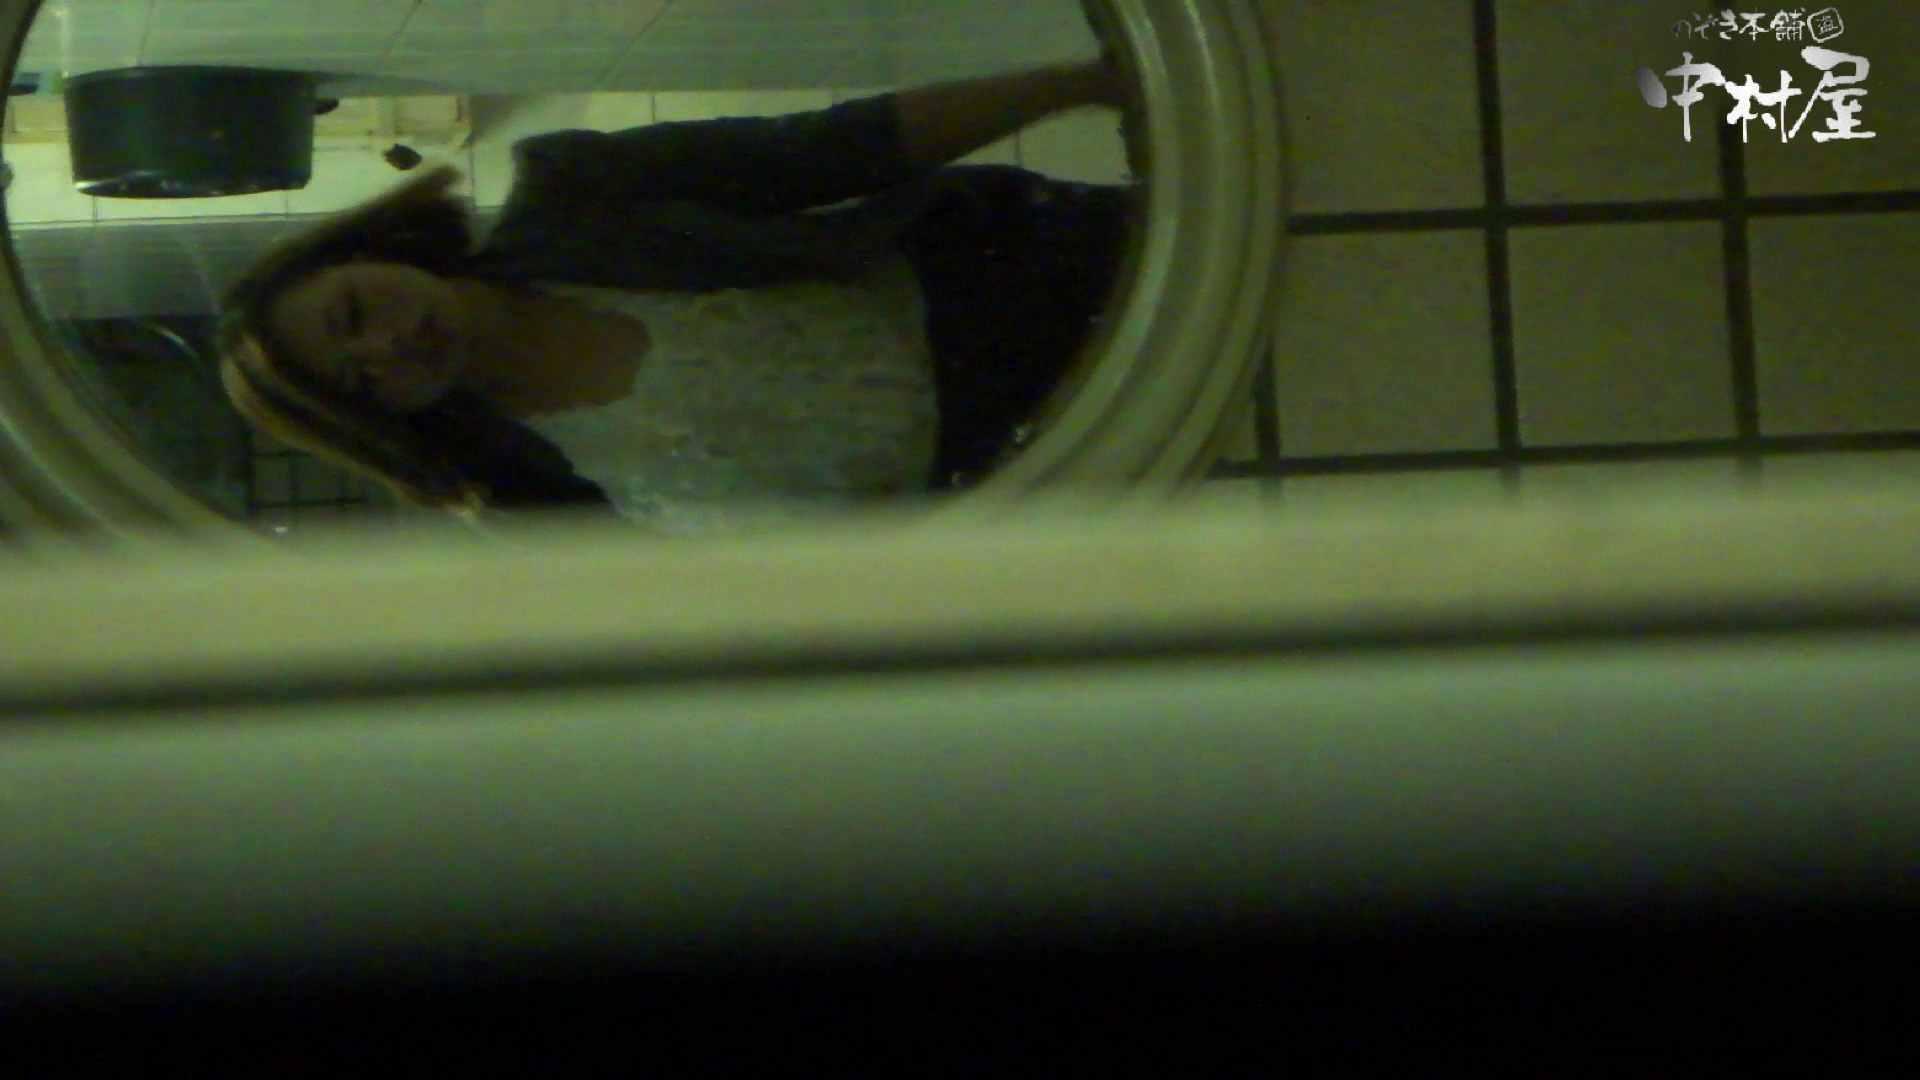 【美人が集まるファッションショッピングセンター洗面所盗SATU】ギャルのツルピカ潜入盗satu!Vol.09 洗面所 | ギャルヌード  84画像 16